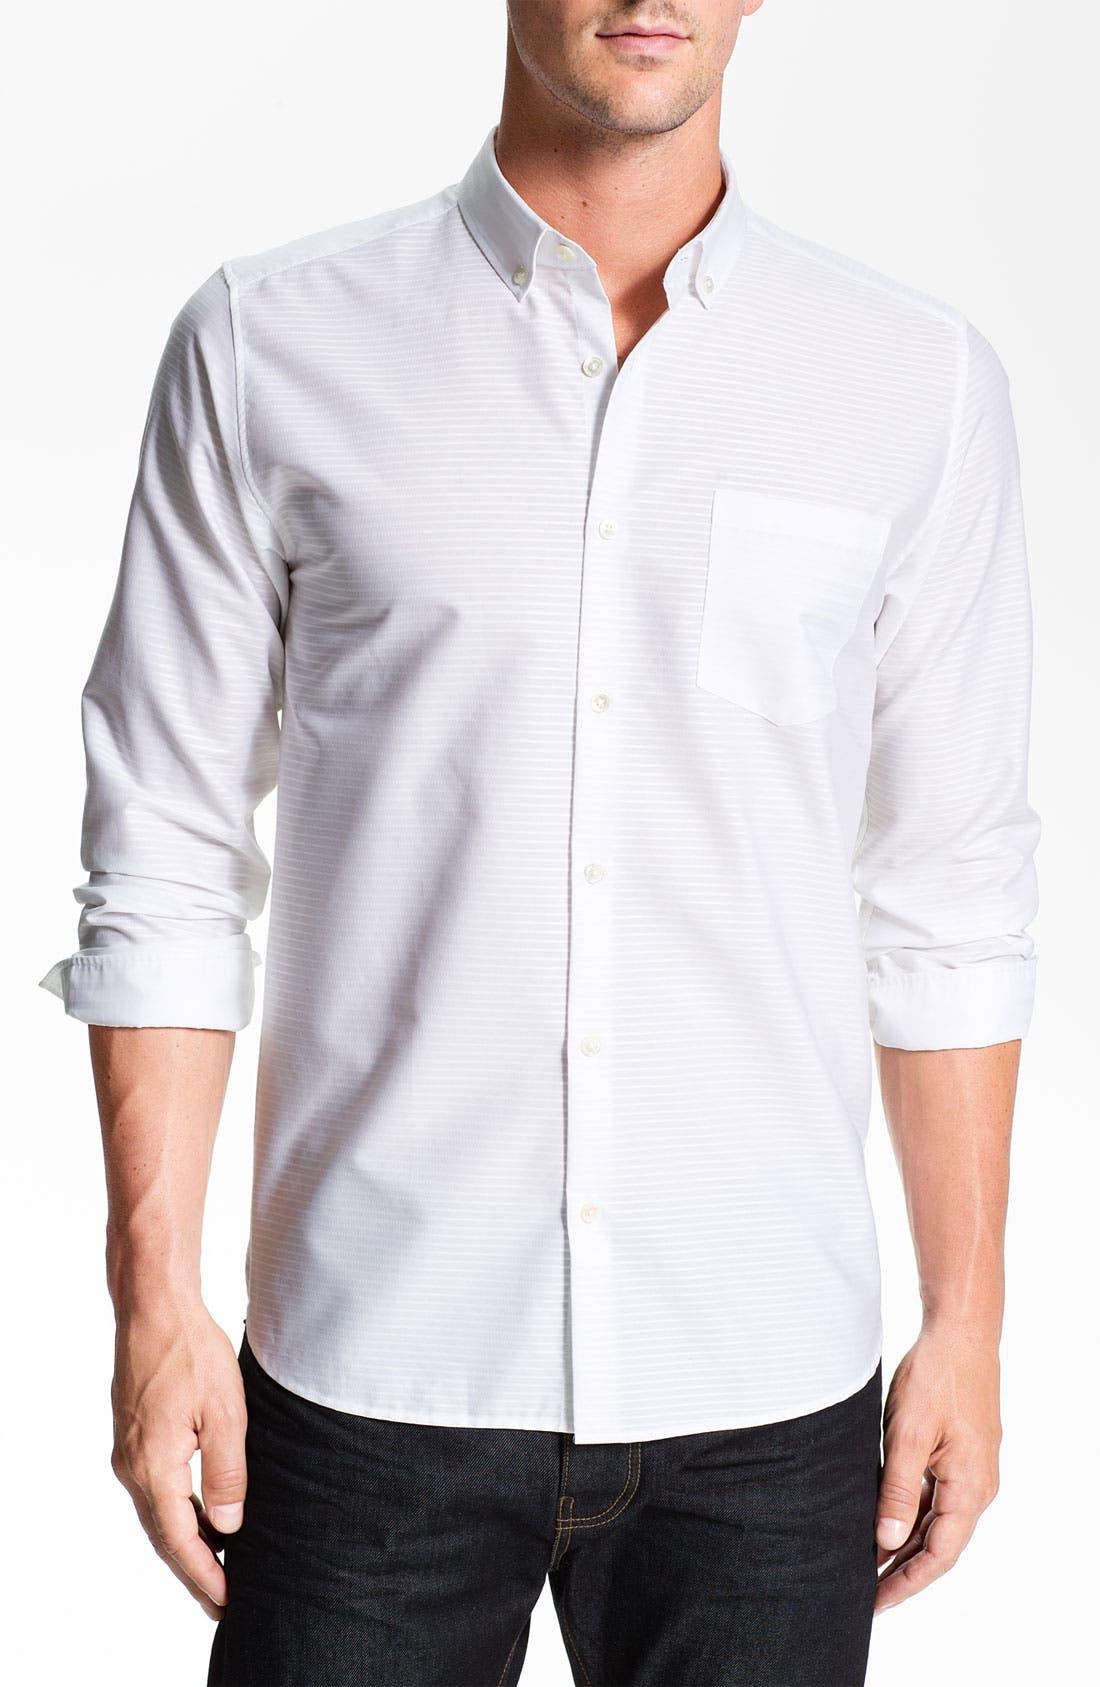 Alternate Image 1 Selected - Ted Baker London 'Whipit' Woven Sport Shirt